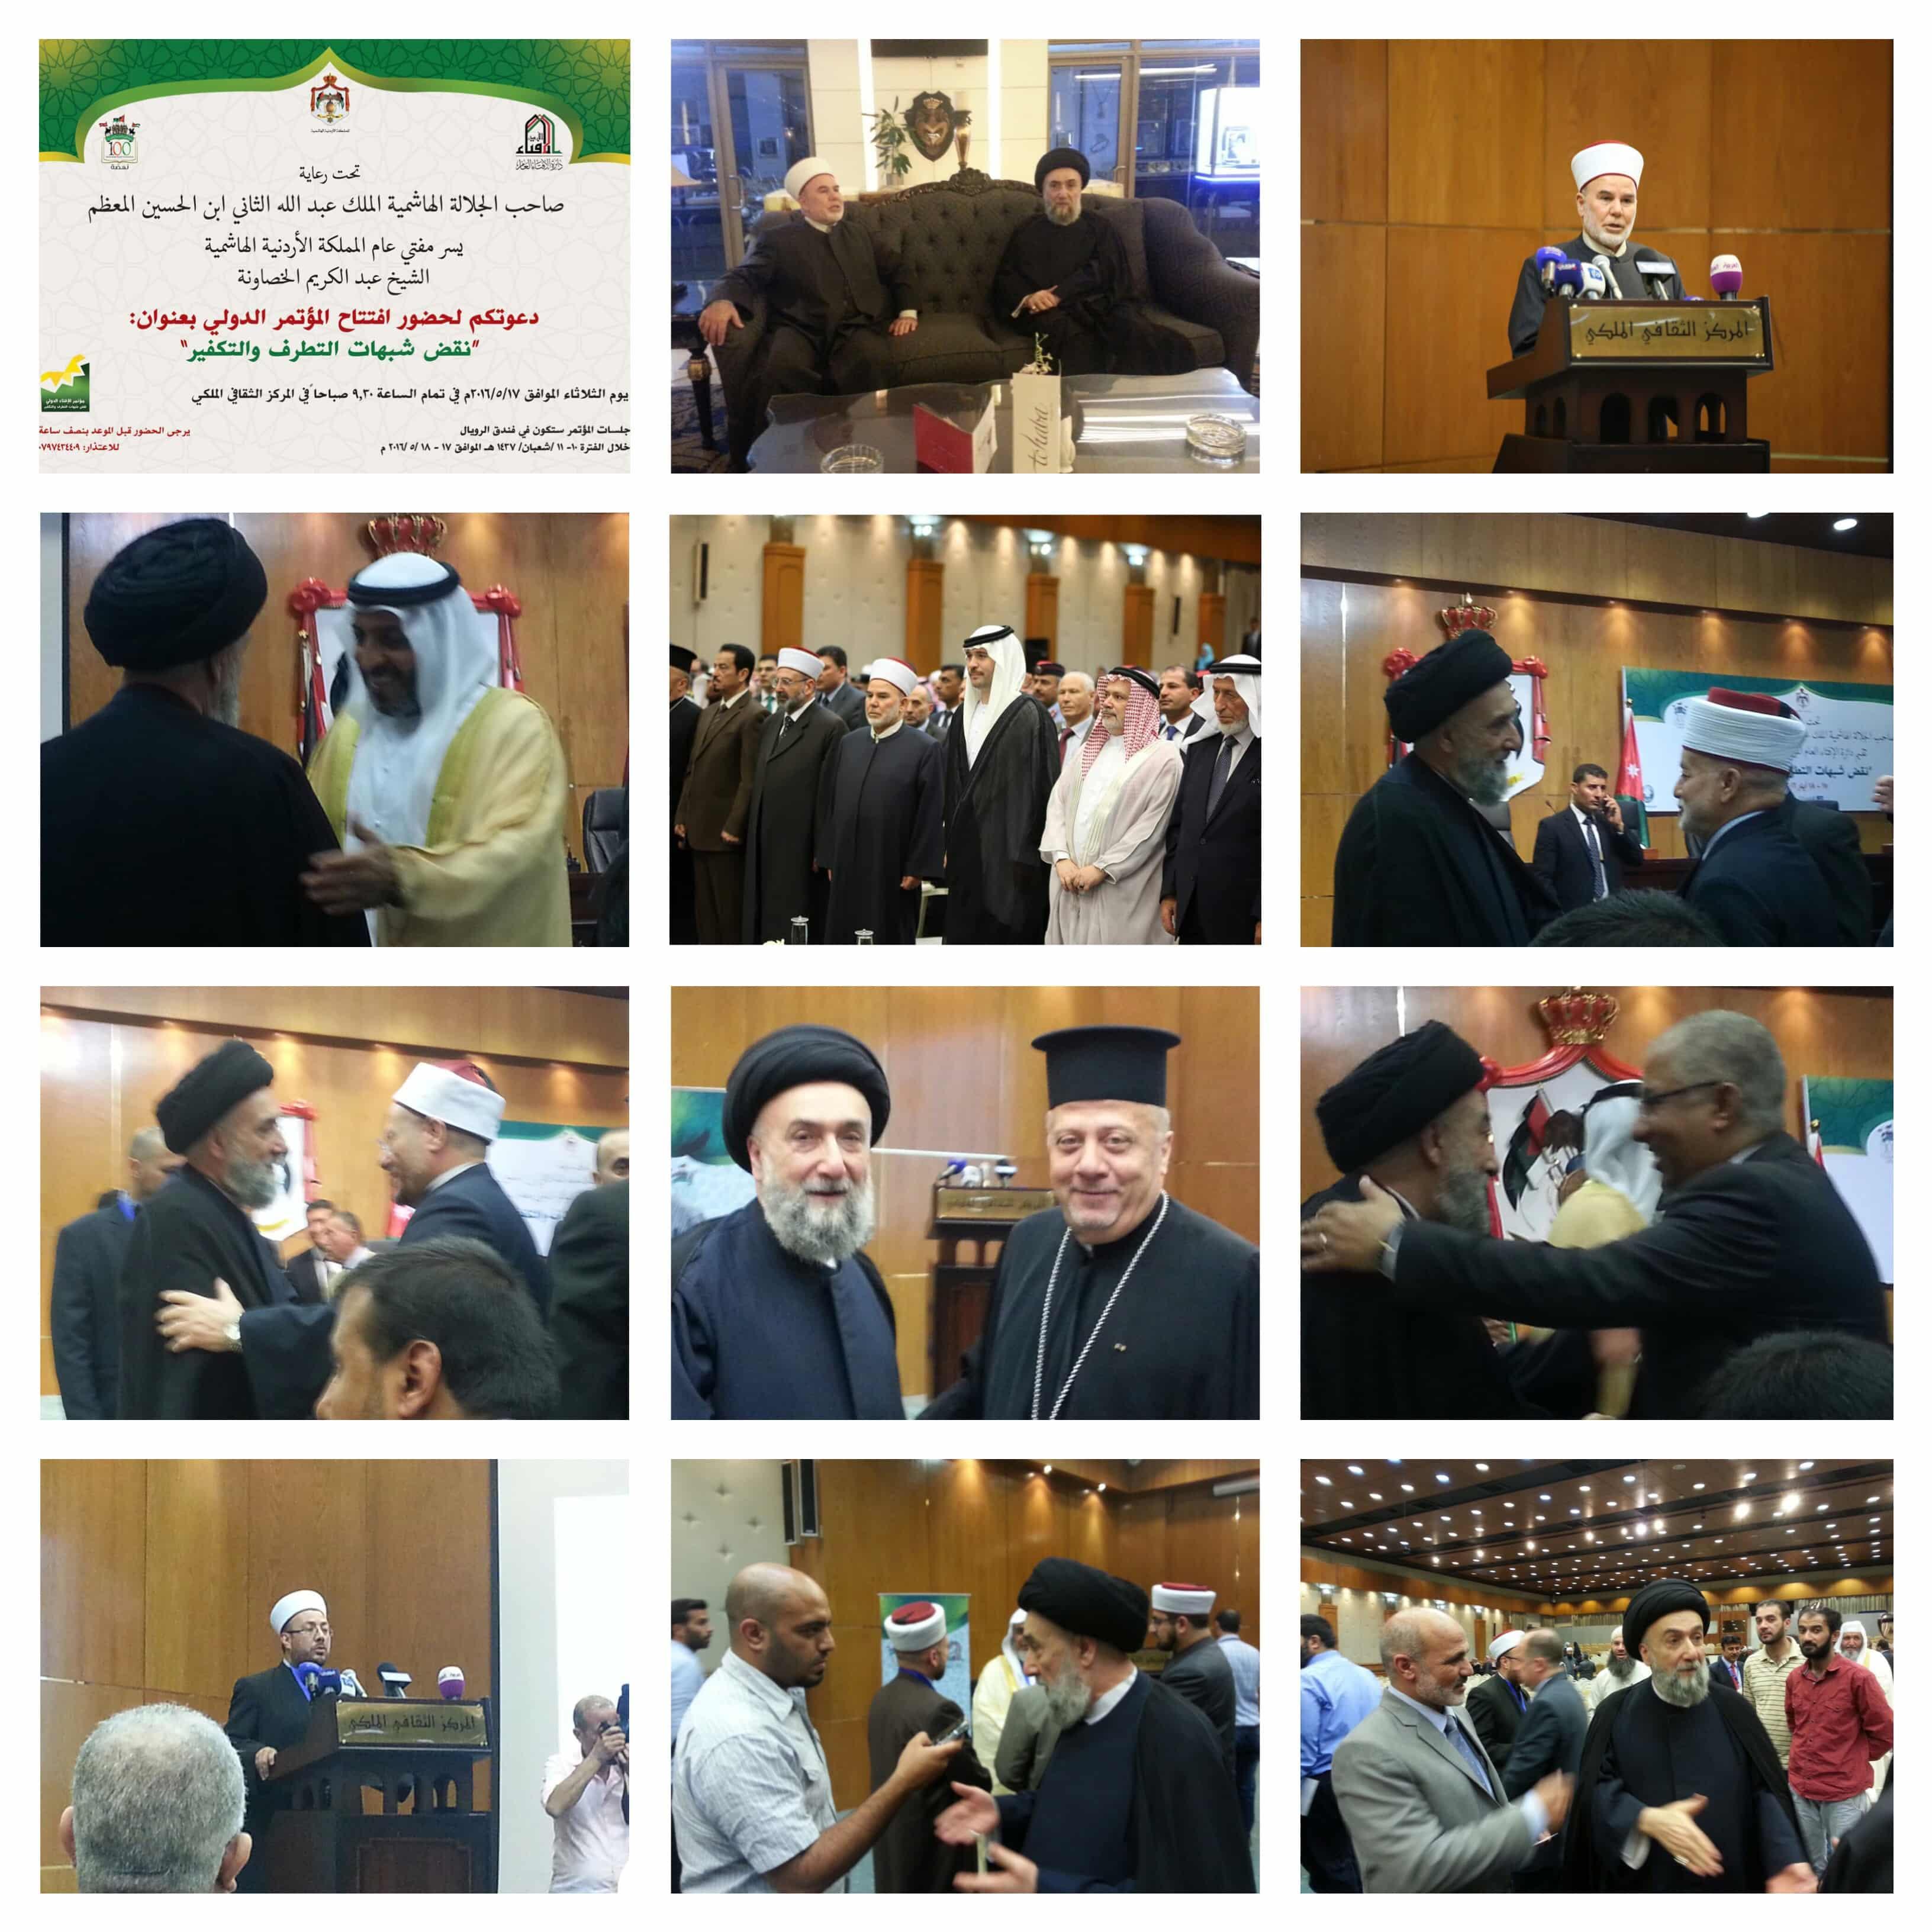 العلاّمة السيد علي الأمين يشارك في المؤتمر الدولي «نقض شبهات التطرف والتكفير» في عمّان Img_8907